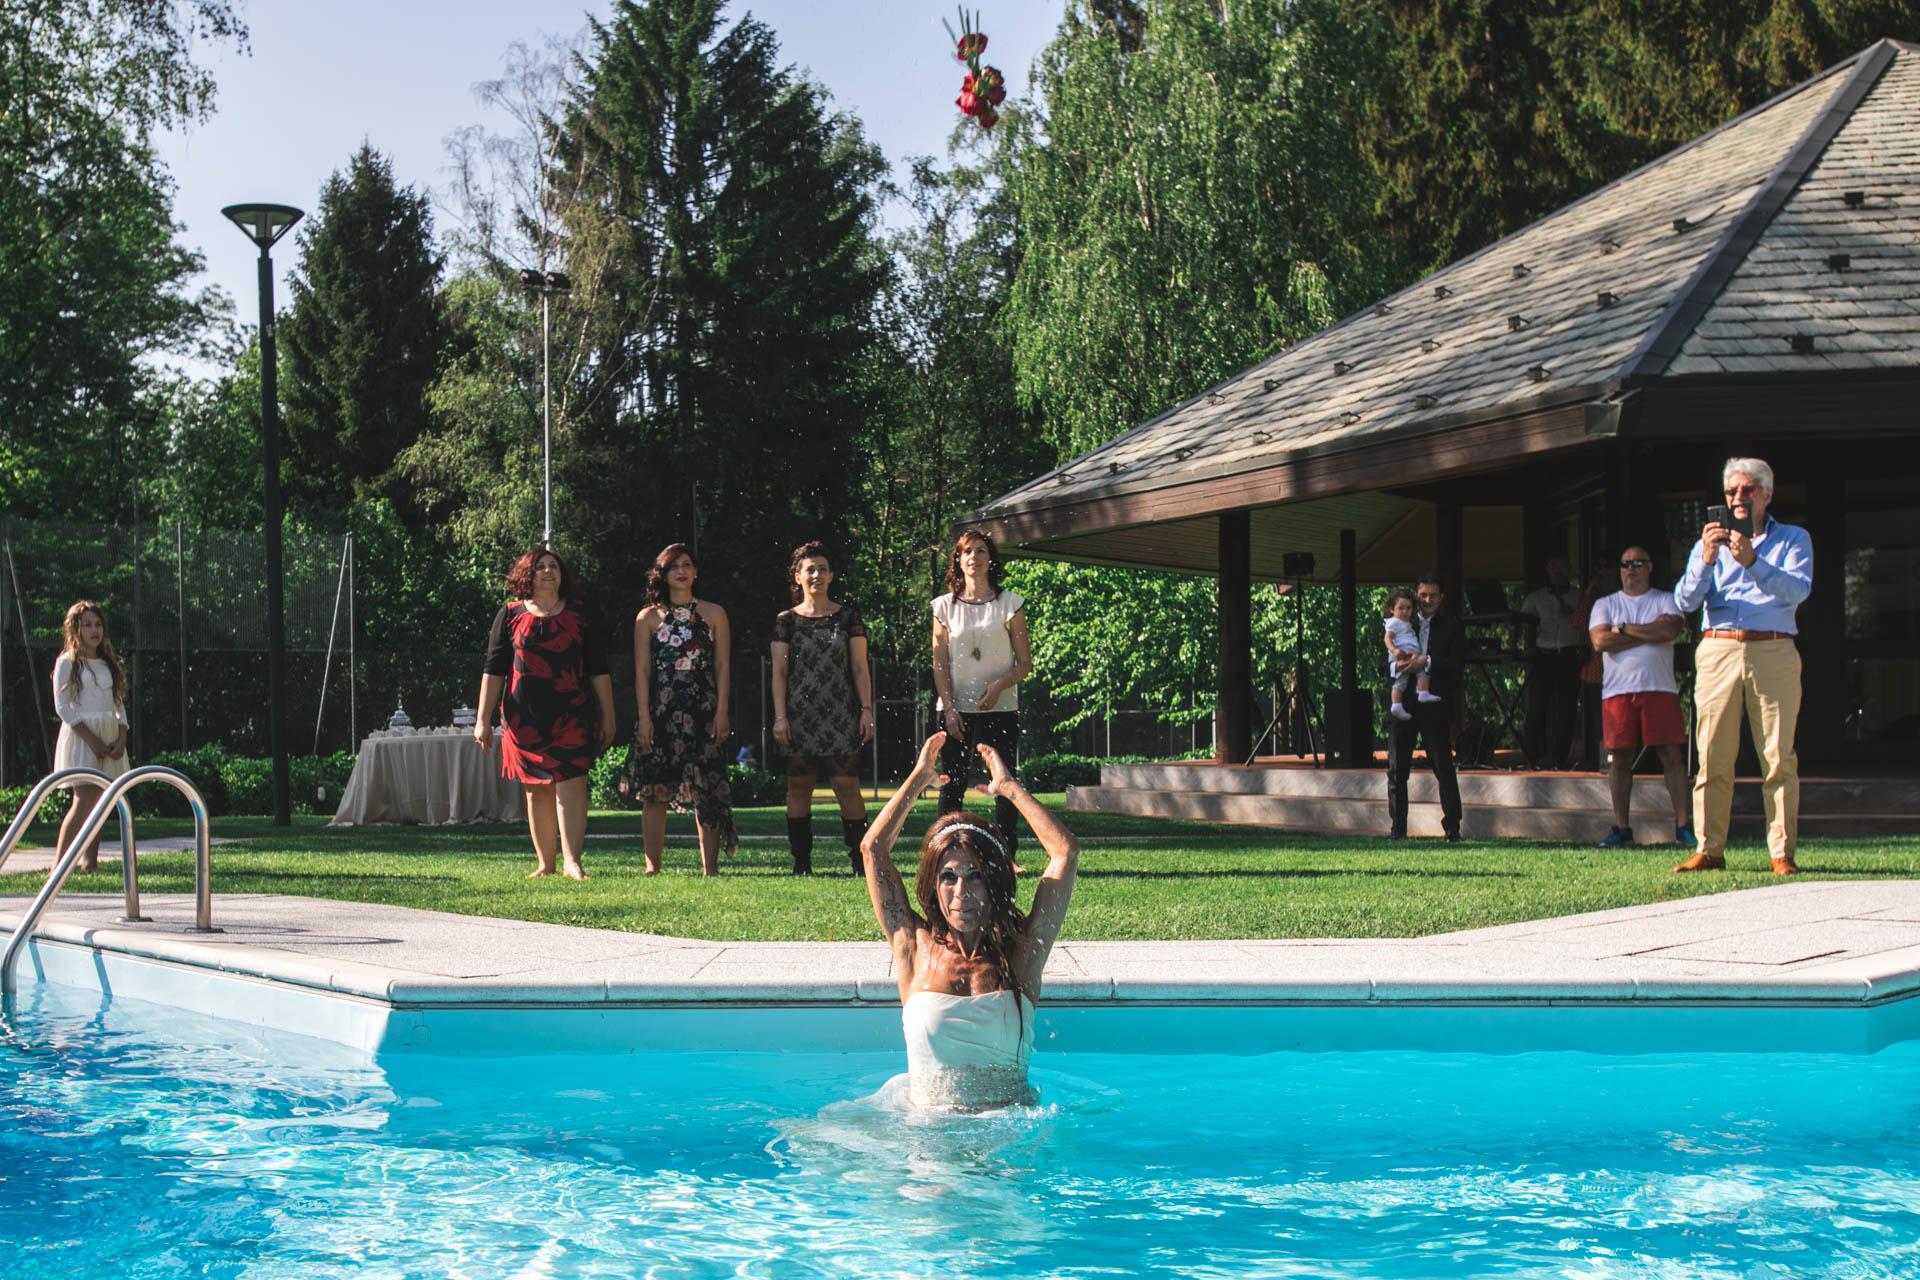 sposa piscina lancio del bouquet invitati